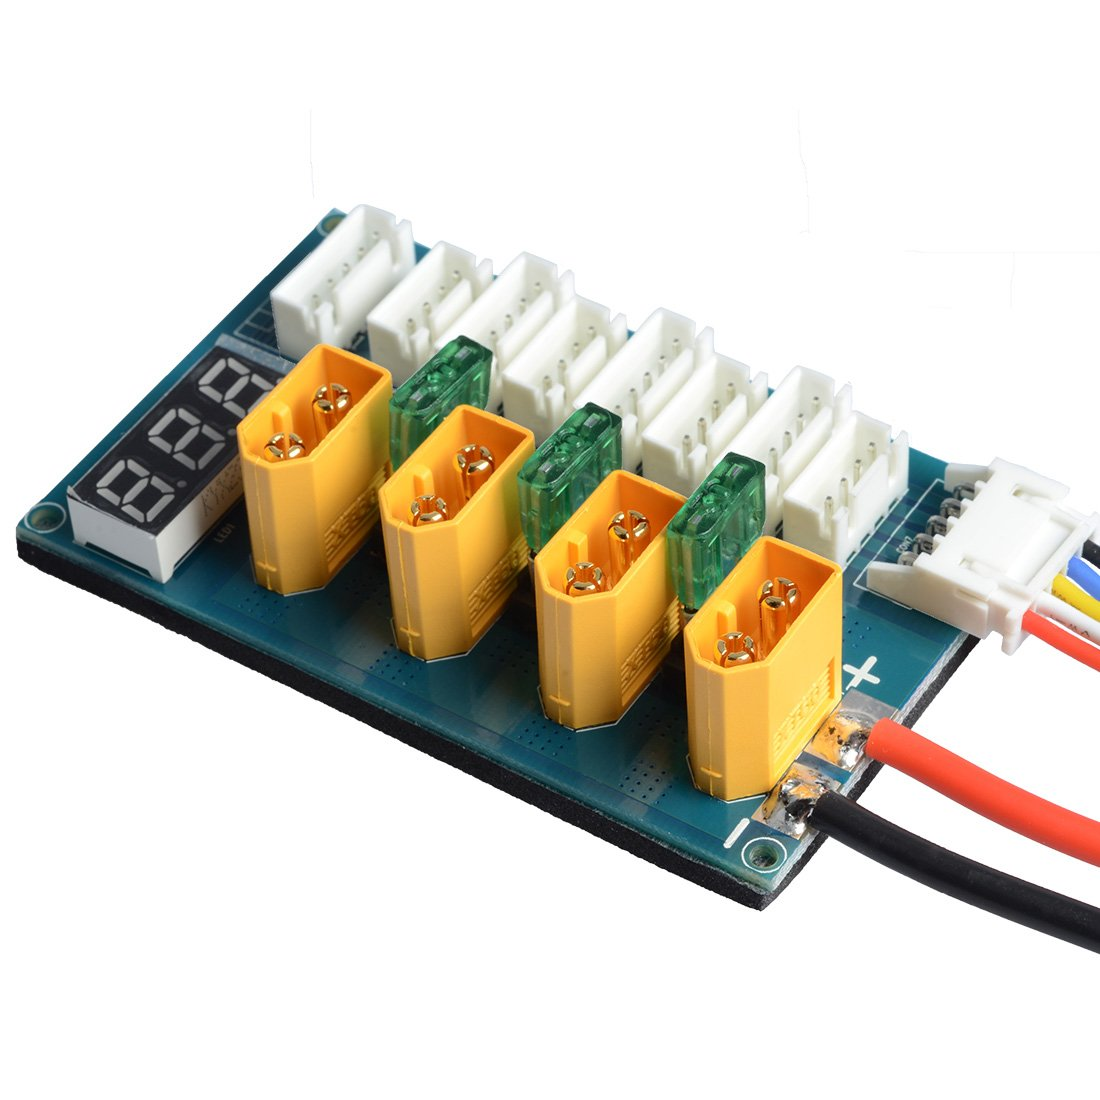 GOTOQOMO XT60 3S 4S Lipo-Batterie Parallel Charging Board XT-60 Balance Ladegerät Ladeplatine Bananenstecker Eingang (mit Spannungsanzeige)